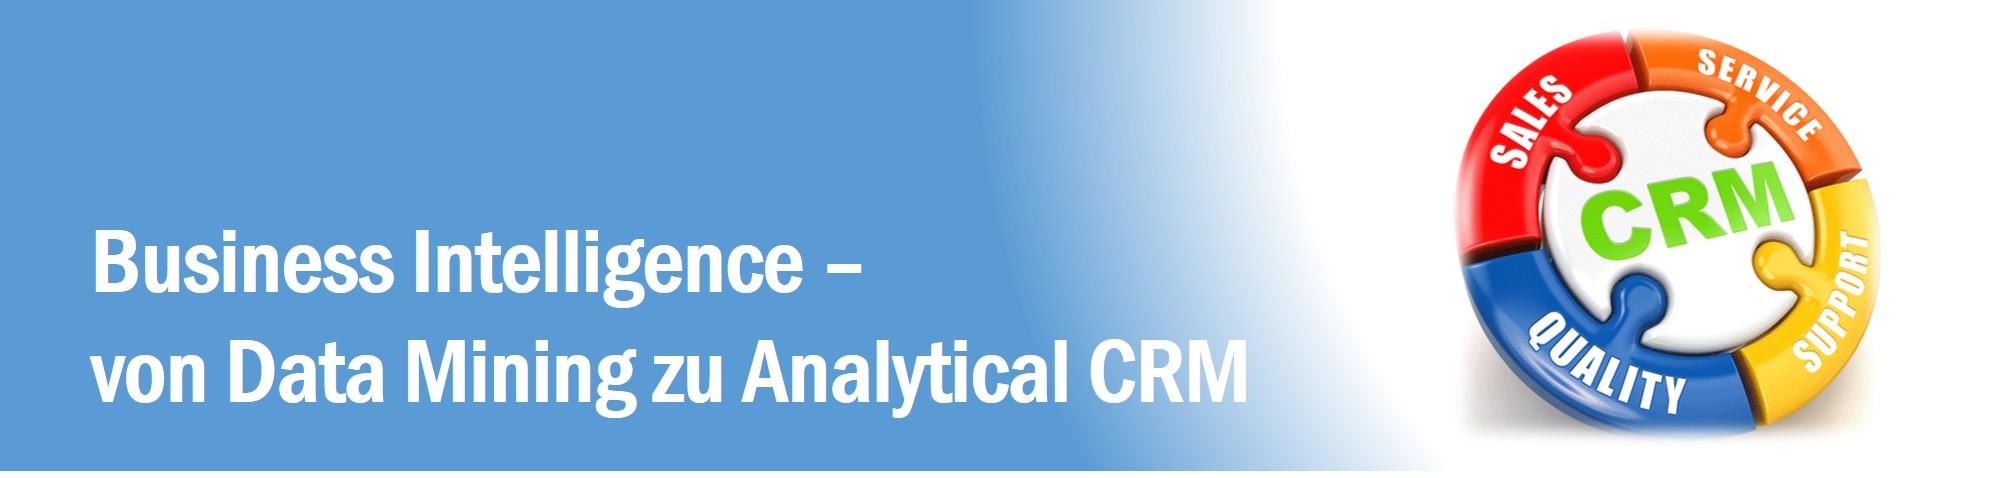 Data Mining_AnalytischesCRM_SonjaDirr_apricot.jpg